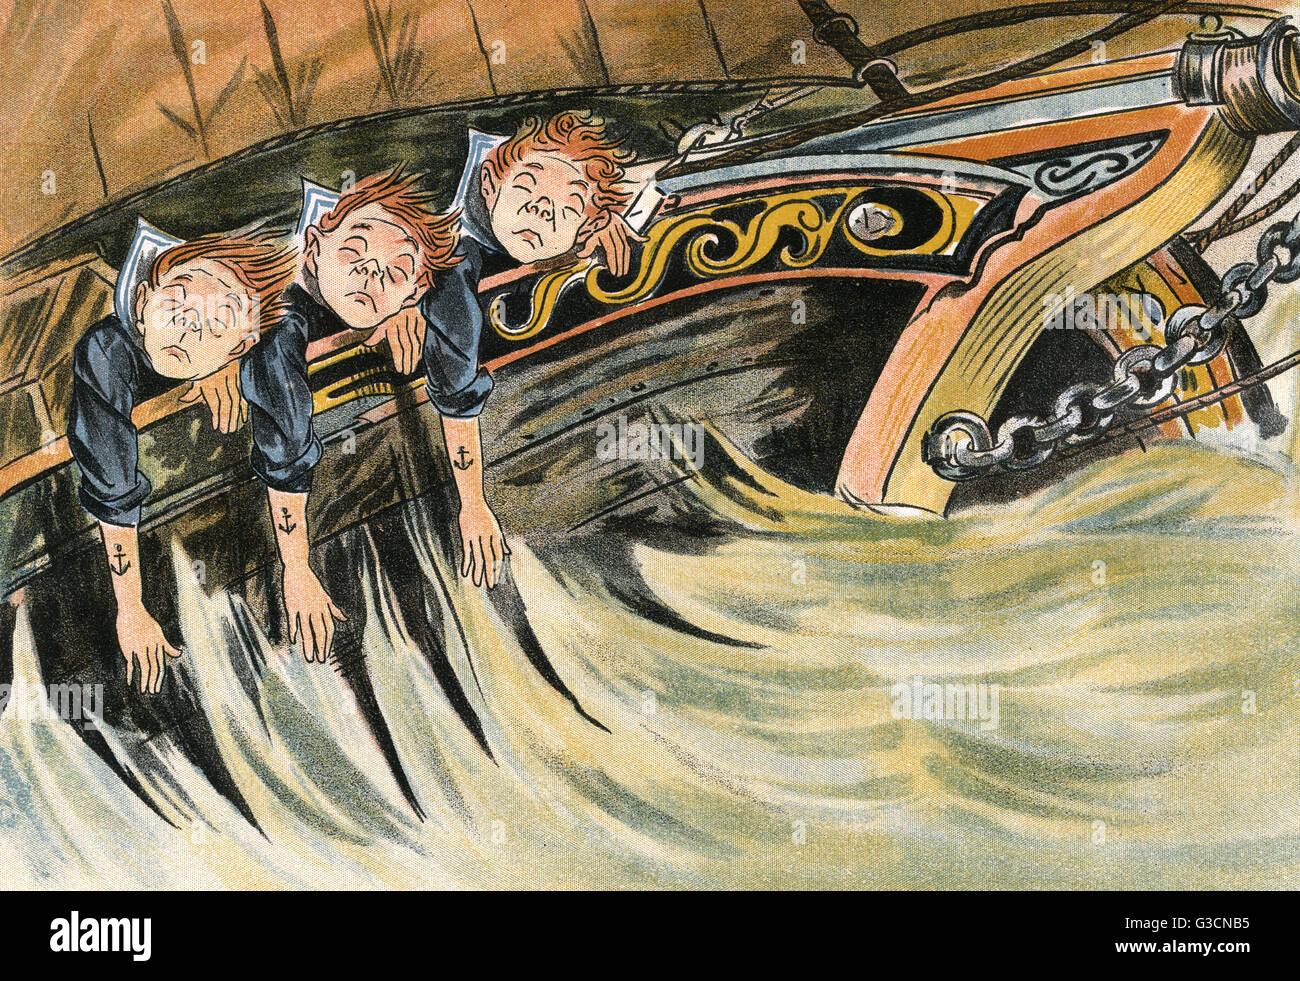 Tre runaway scolari soffrire molto da mal di mare su un oceano viaggio. Data: 1898 Immagini Stock